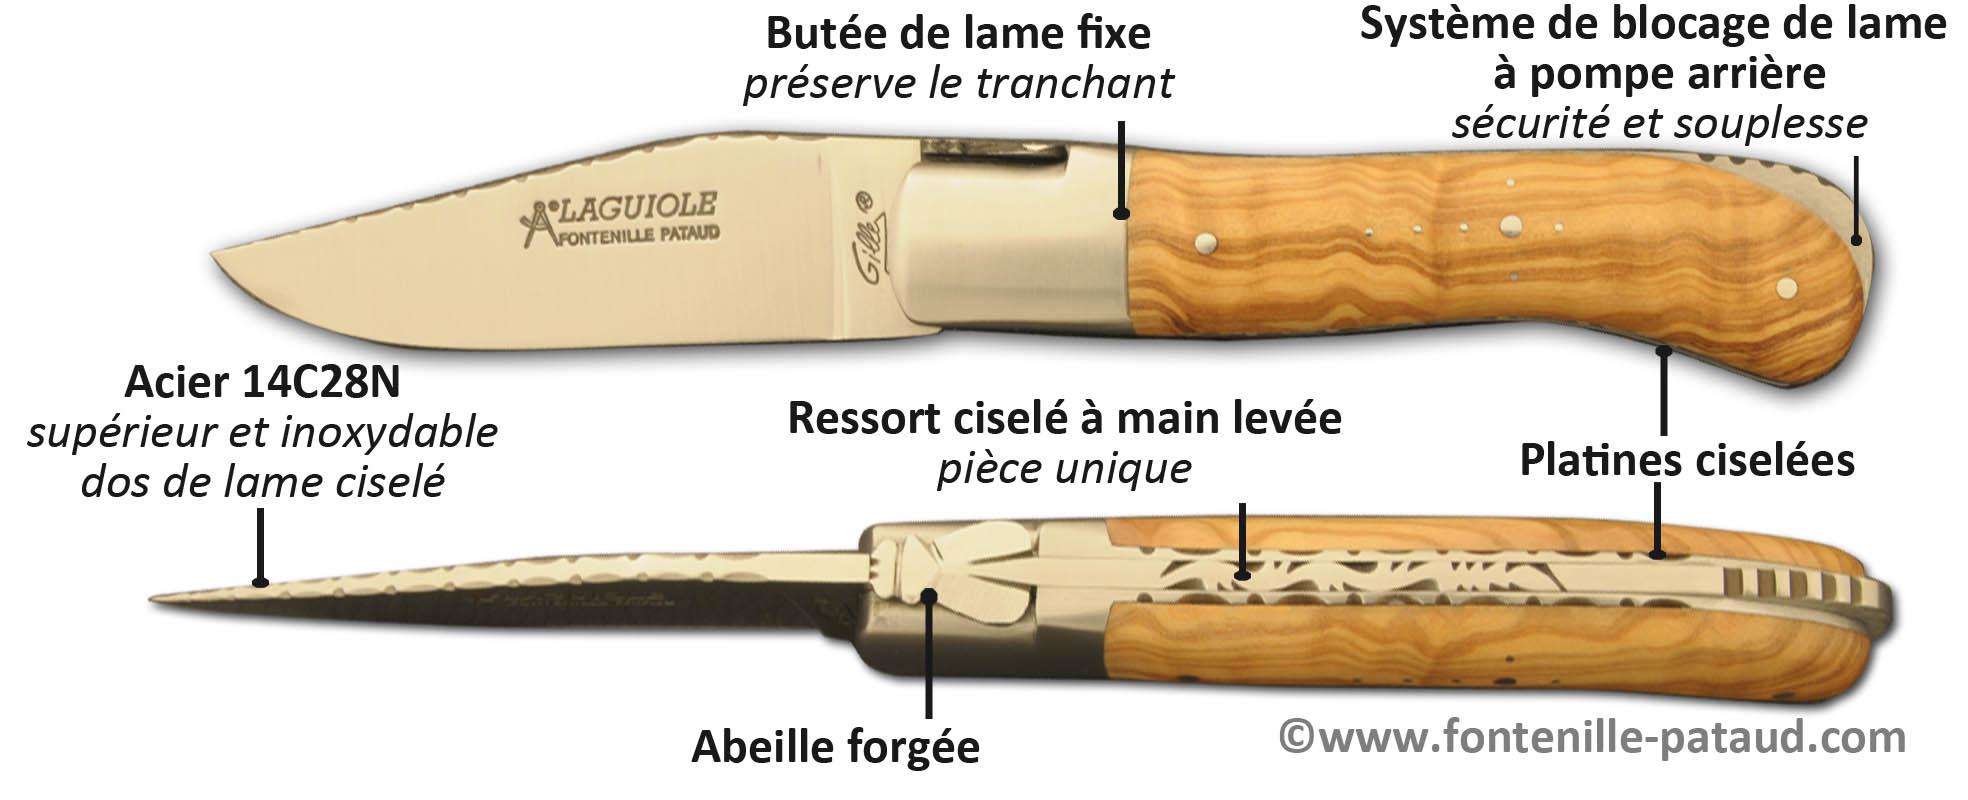 Couteau Laguiole Gentleman avec le dos de la lame, les platines et le ressort ciselés